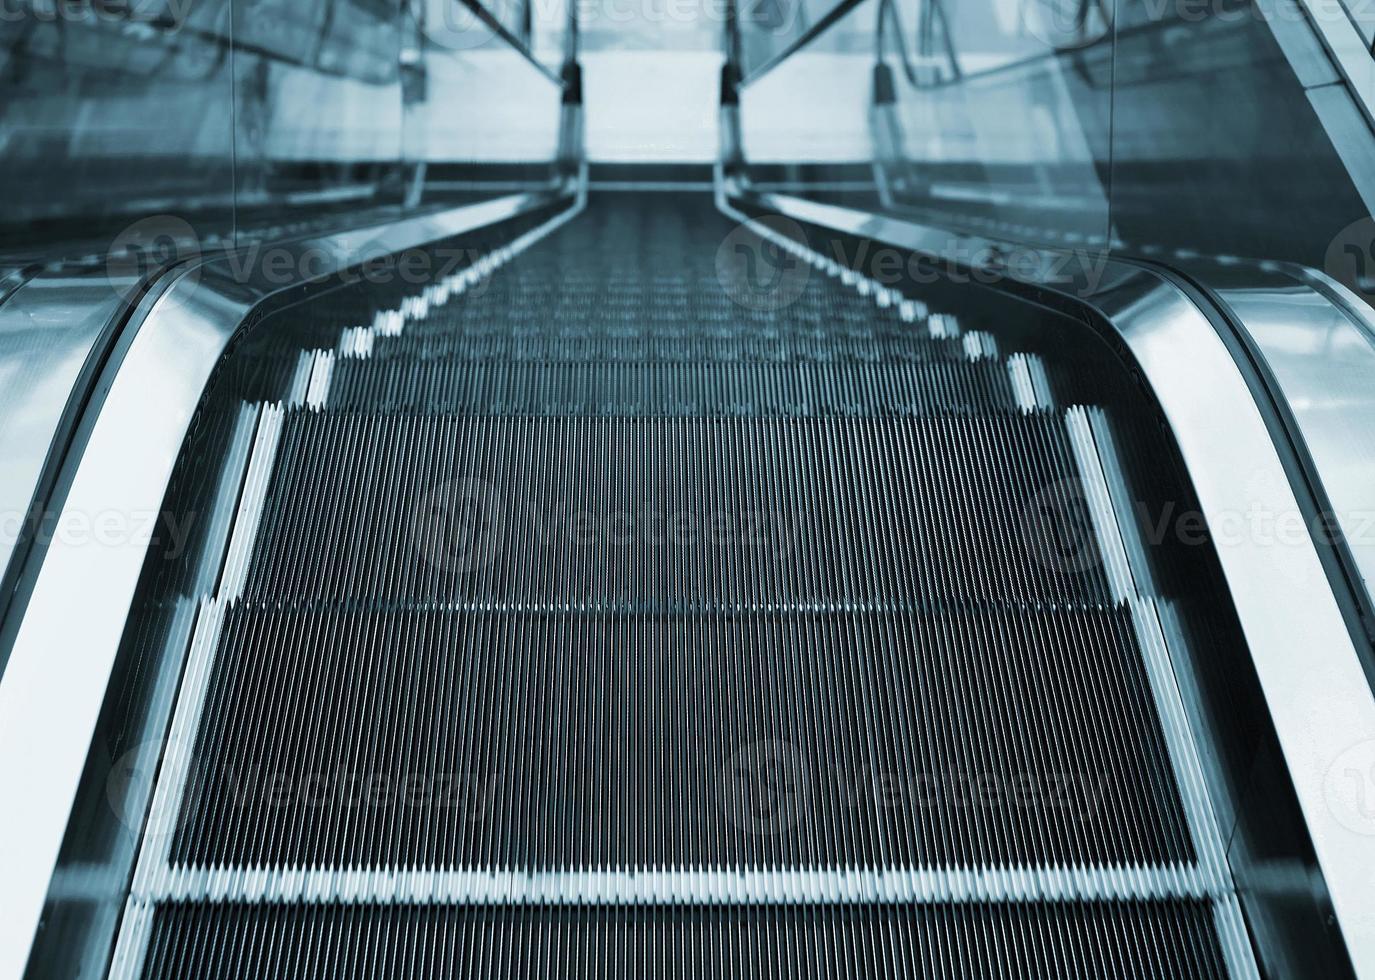 utsikt över rulltrappan på kontoret eller affärscentret foto